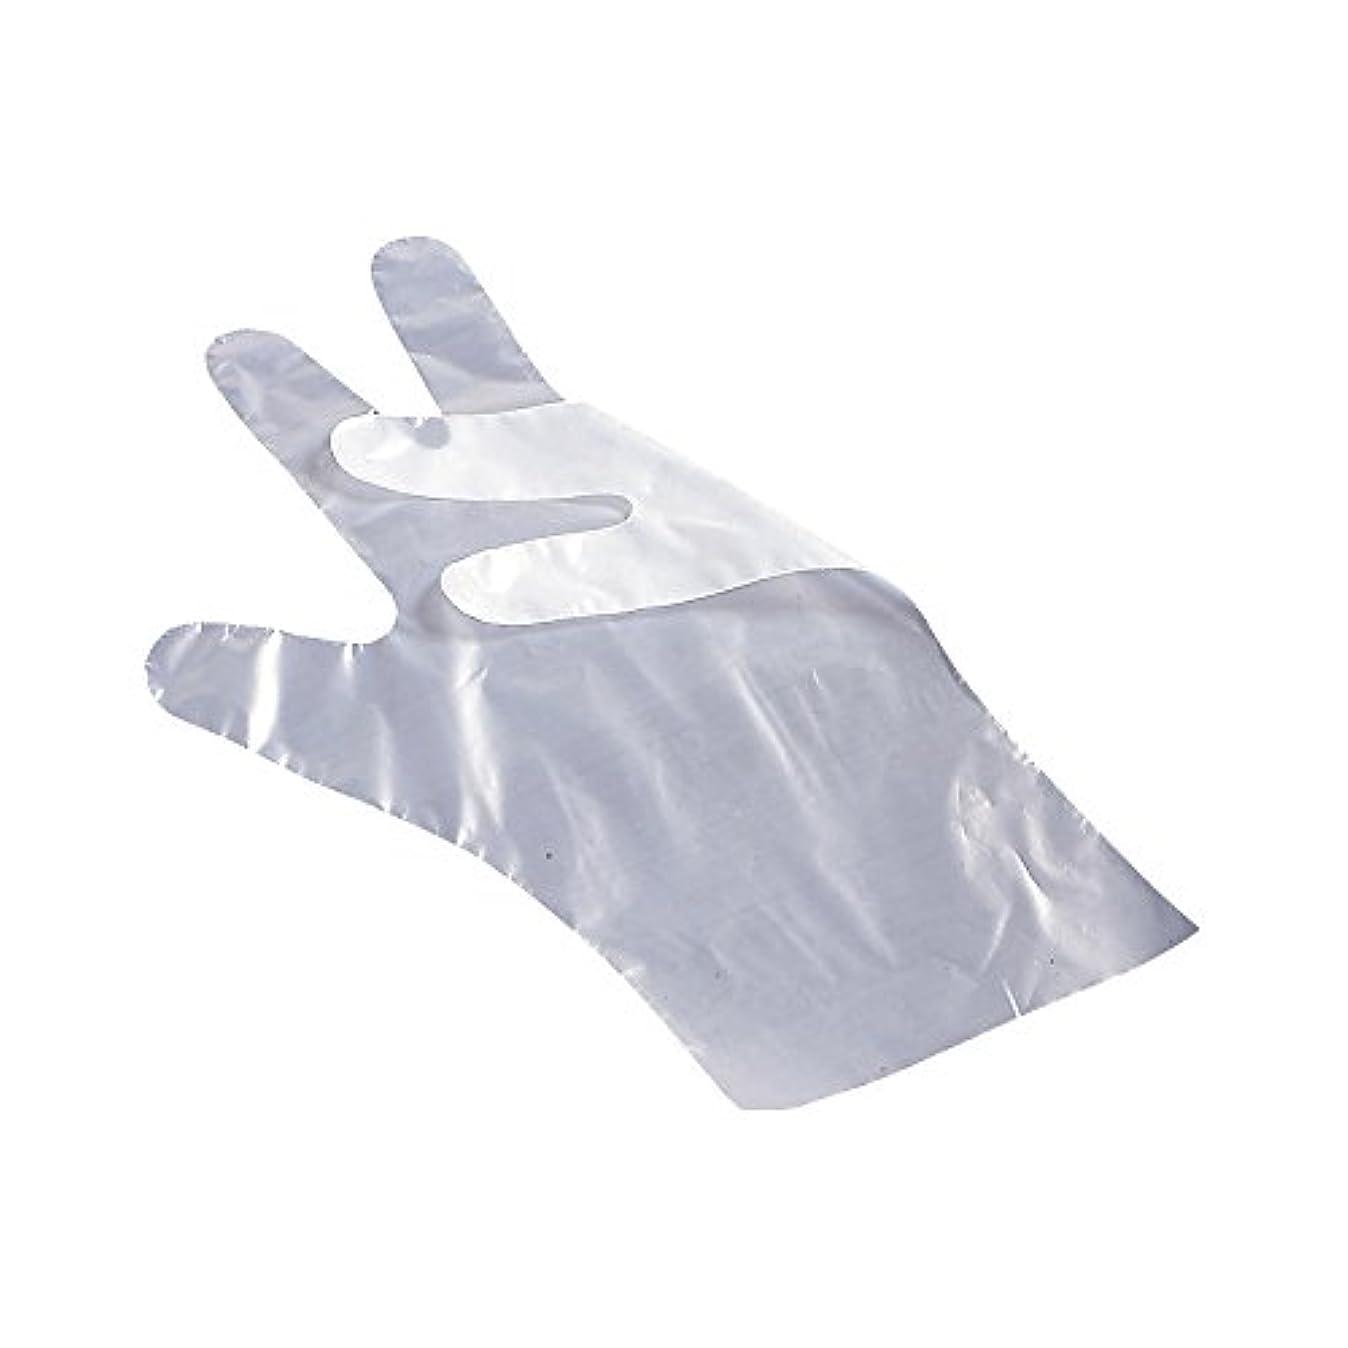 オートベジタリアン黄ばむサクラメンエンボス手袋 デラックス 白 L 100枚入